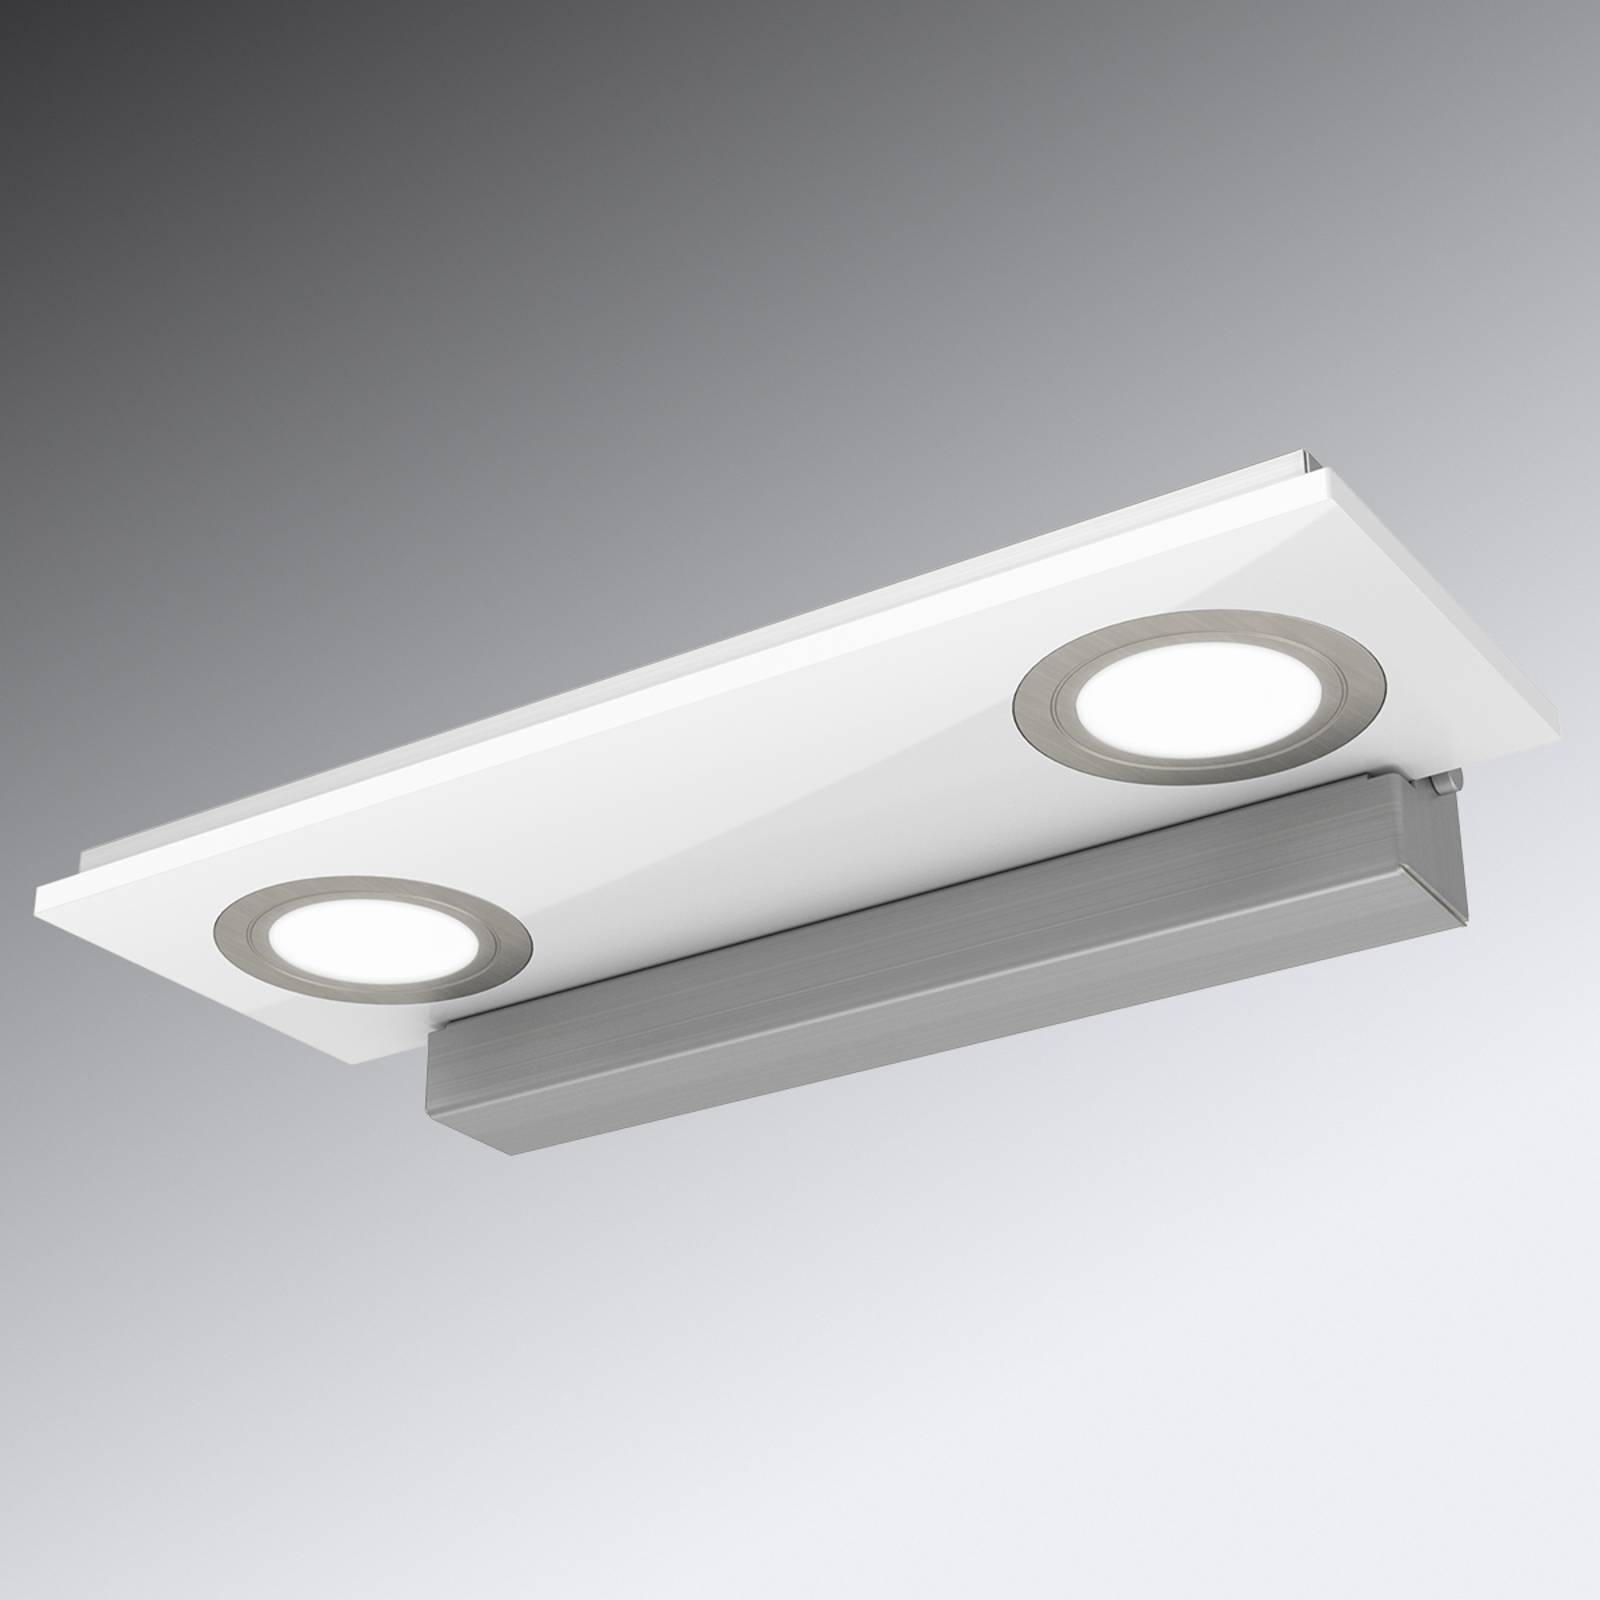 2-osainen Pano-LED-seinävalaisin, valkoinen